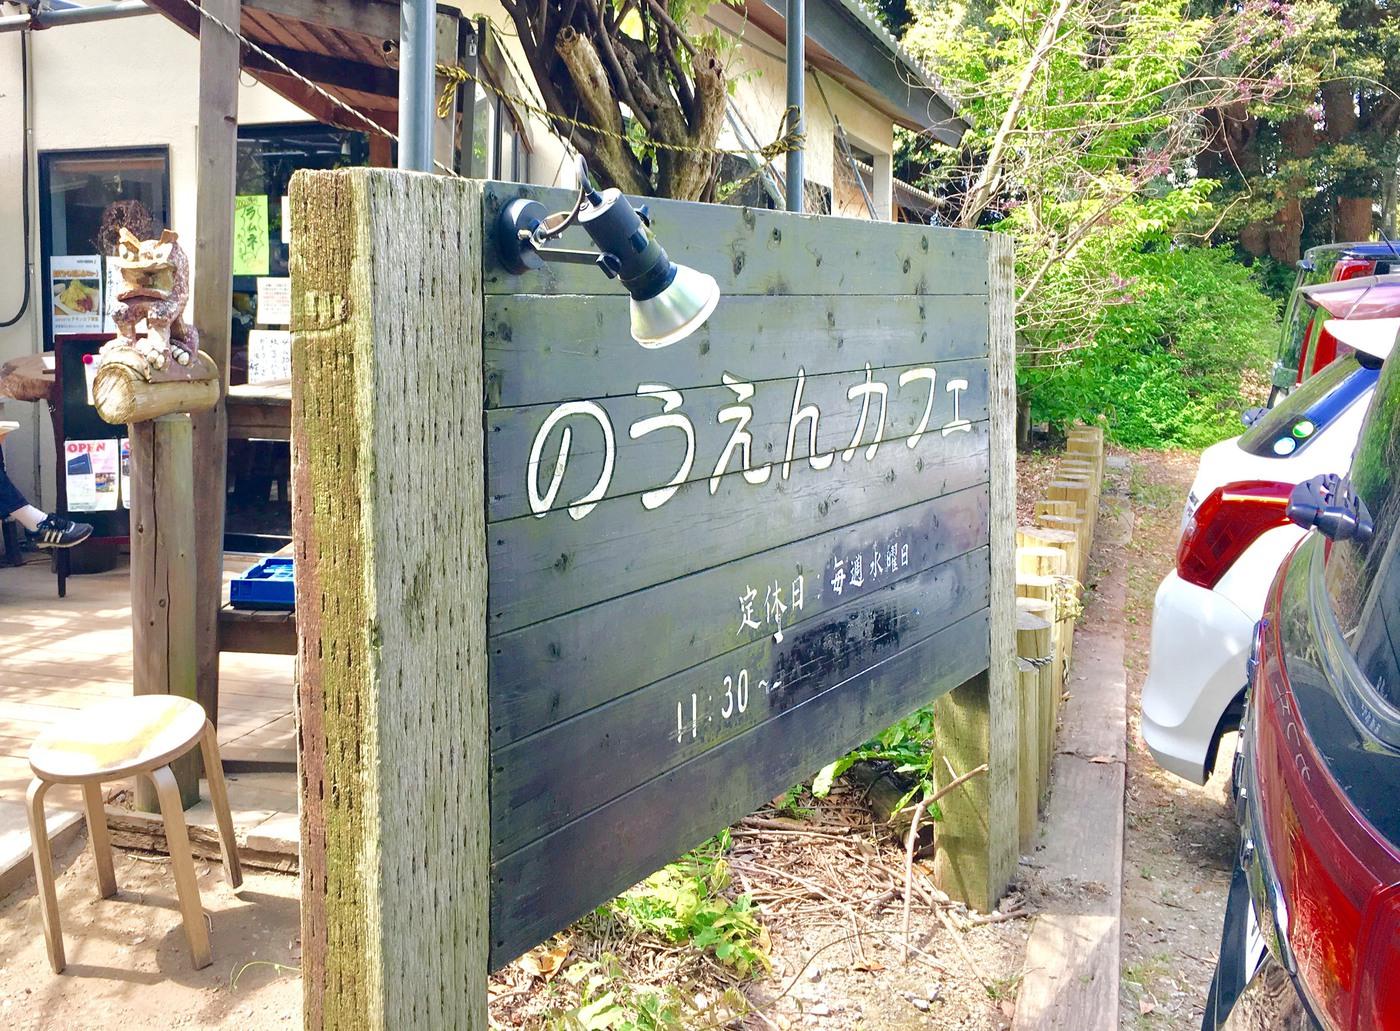 アクアラインから木更津ドライブ♪おすすめスポット4選!の4枚目の画像の画像